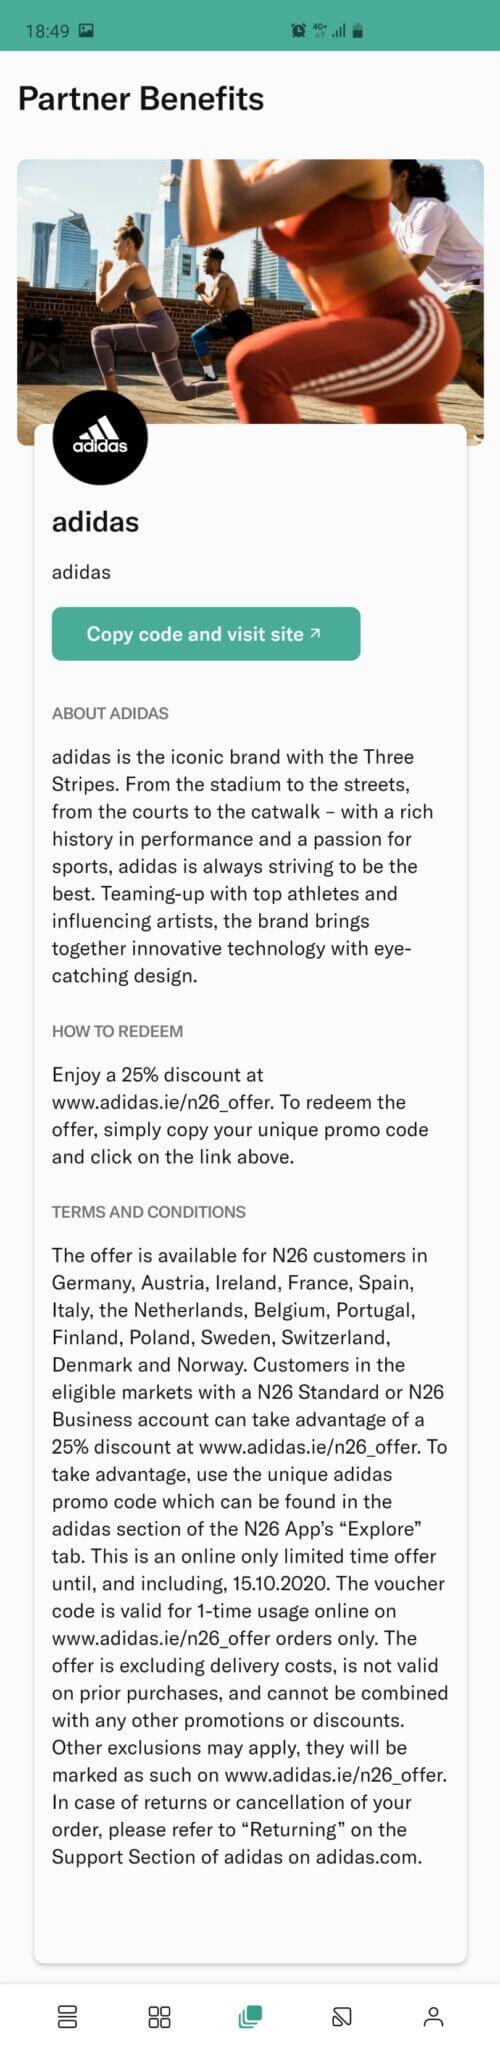 Adidas - Confirmação da promoção